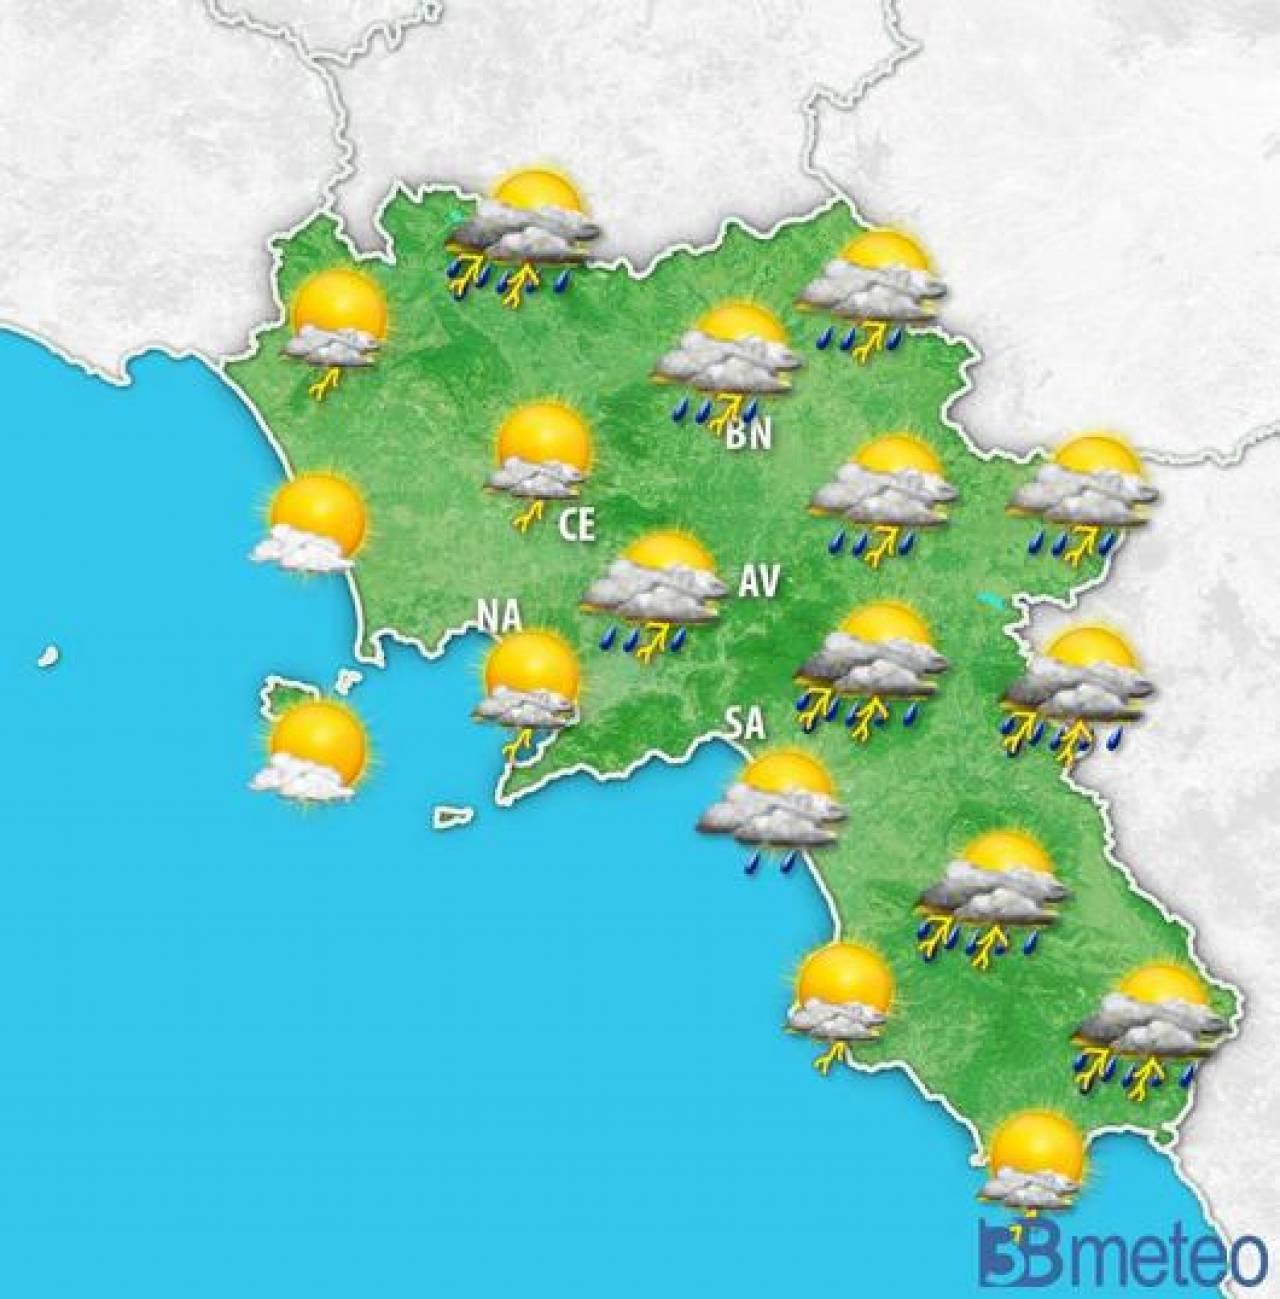 Meteo campania temporali fino a stasera a rischio anche napoli 3b meteo - Meteo bagno di romagna 15 giorni ...